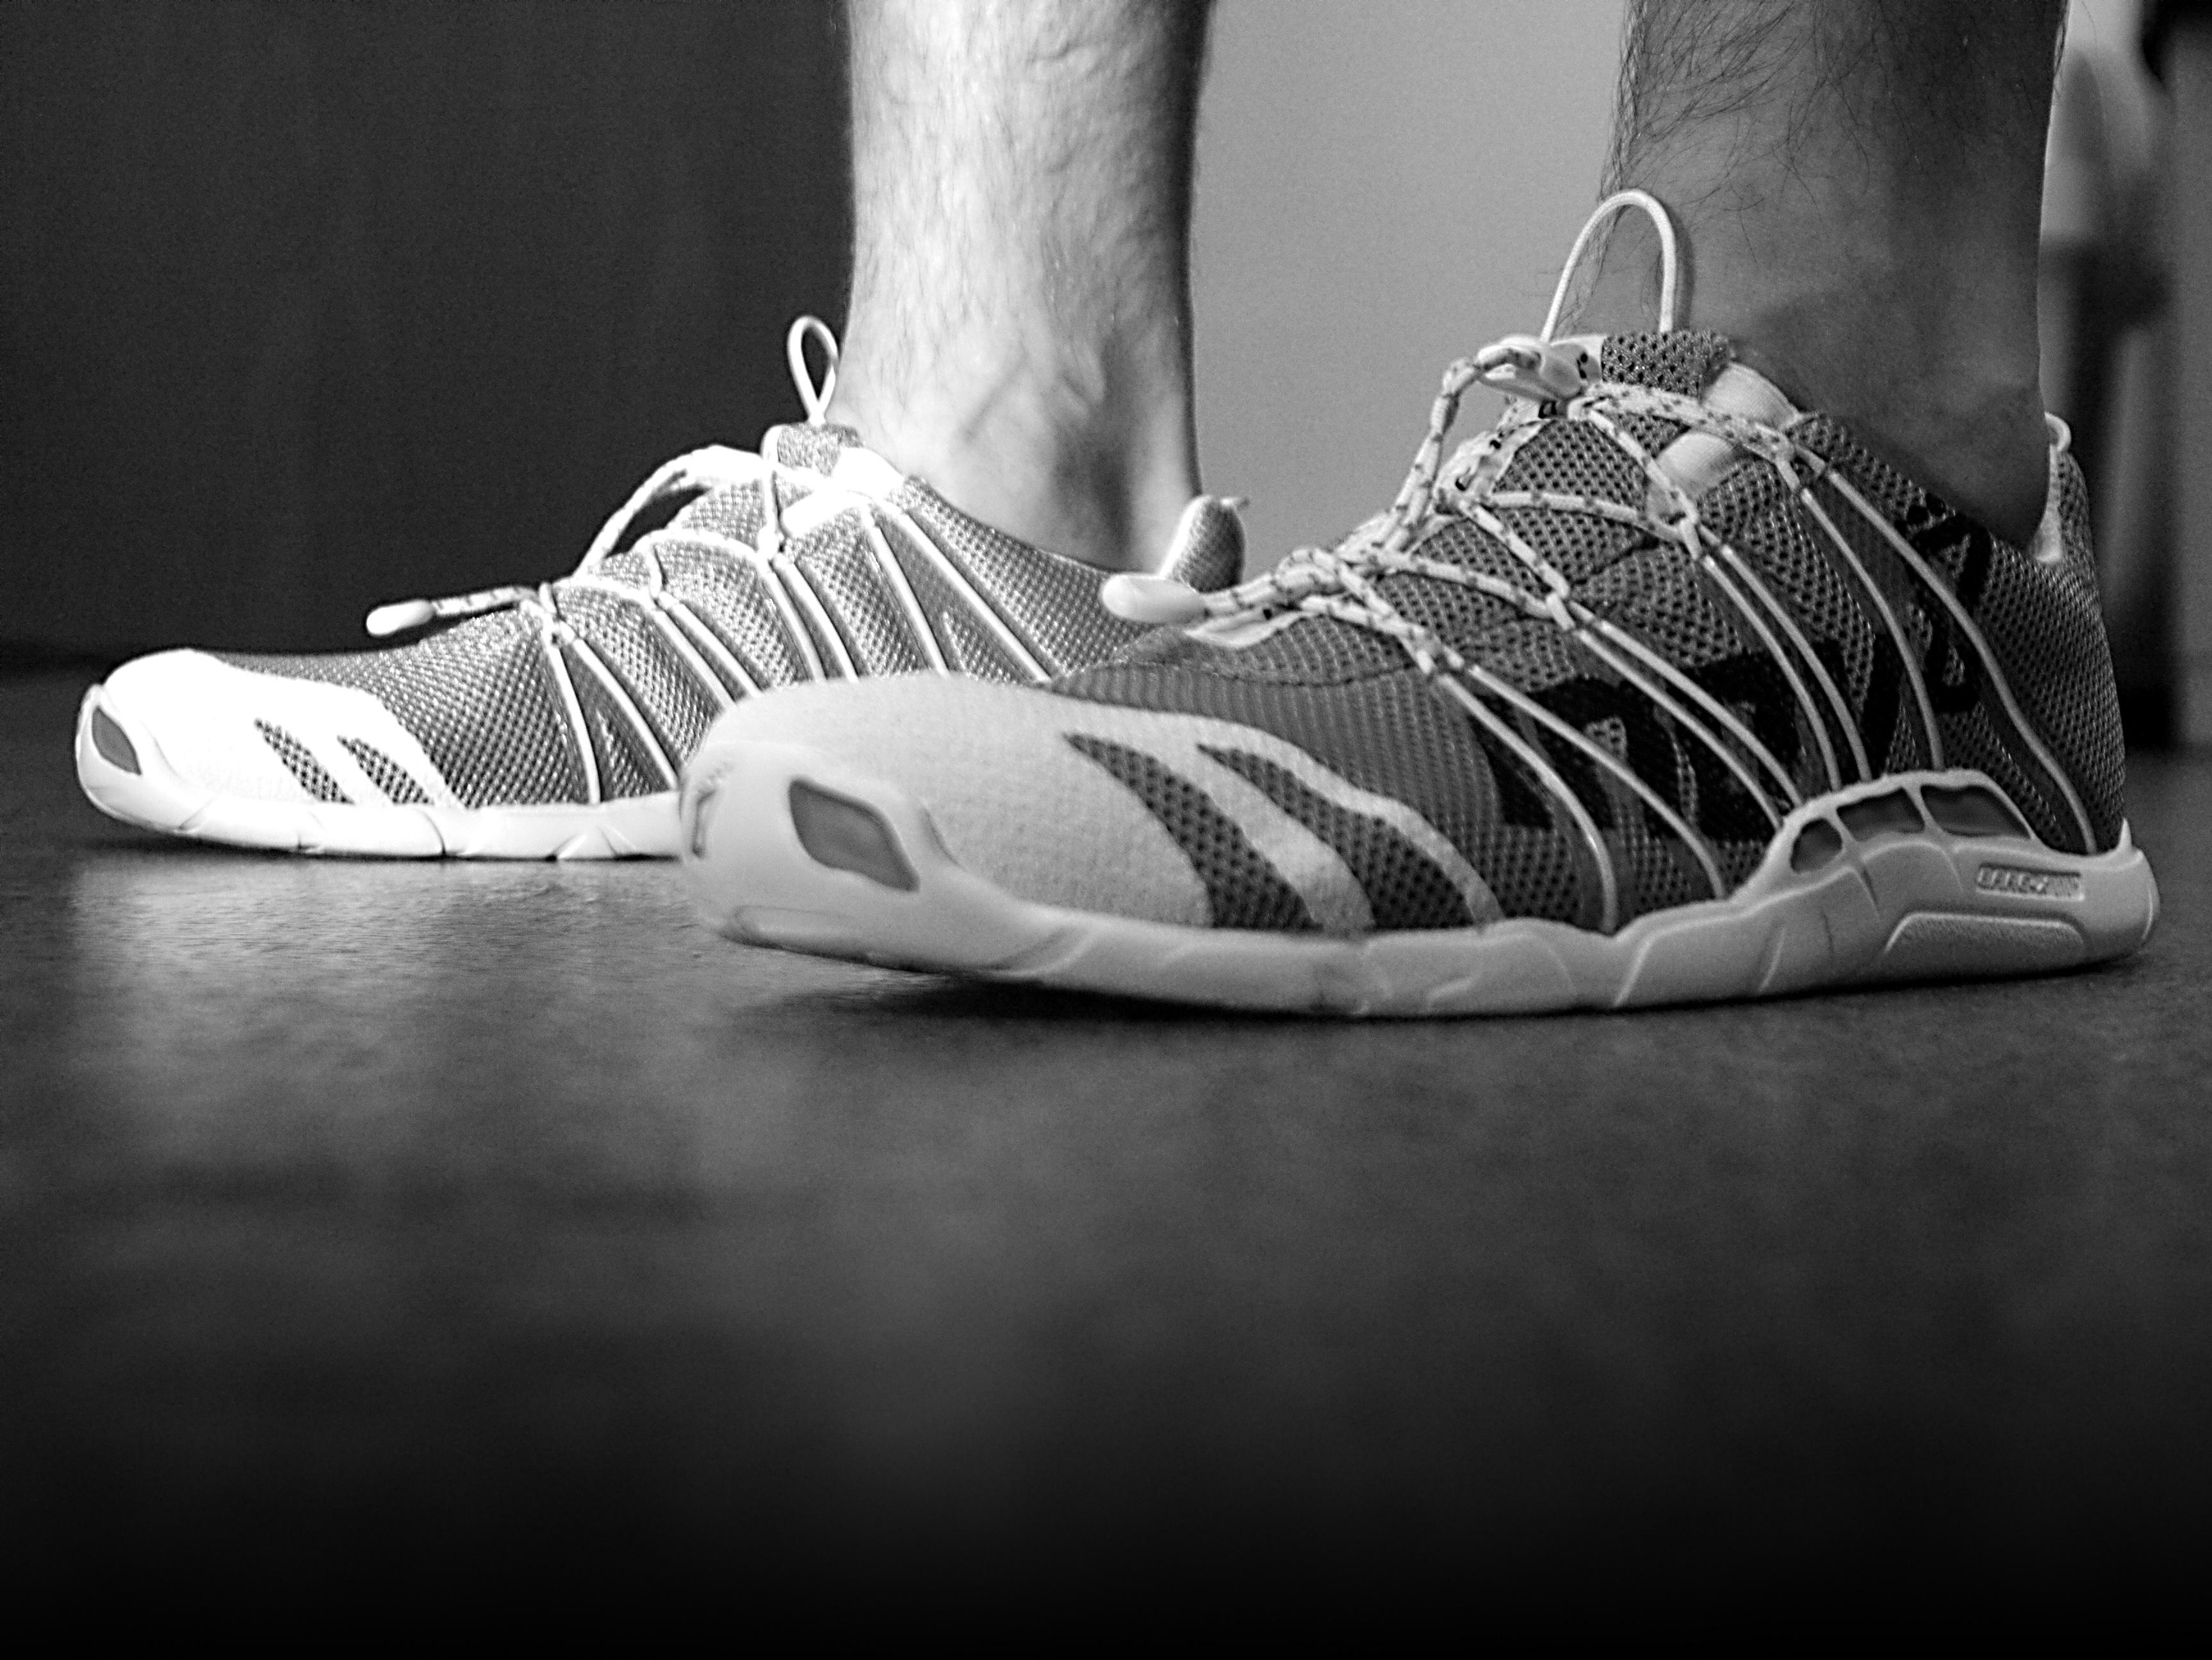 Buty inov-8 bare x lite 150 - minimalistyczne buty do biegania